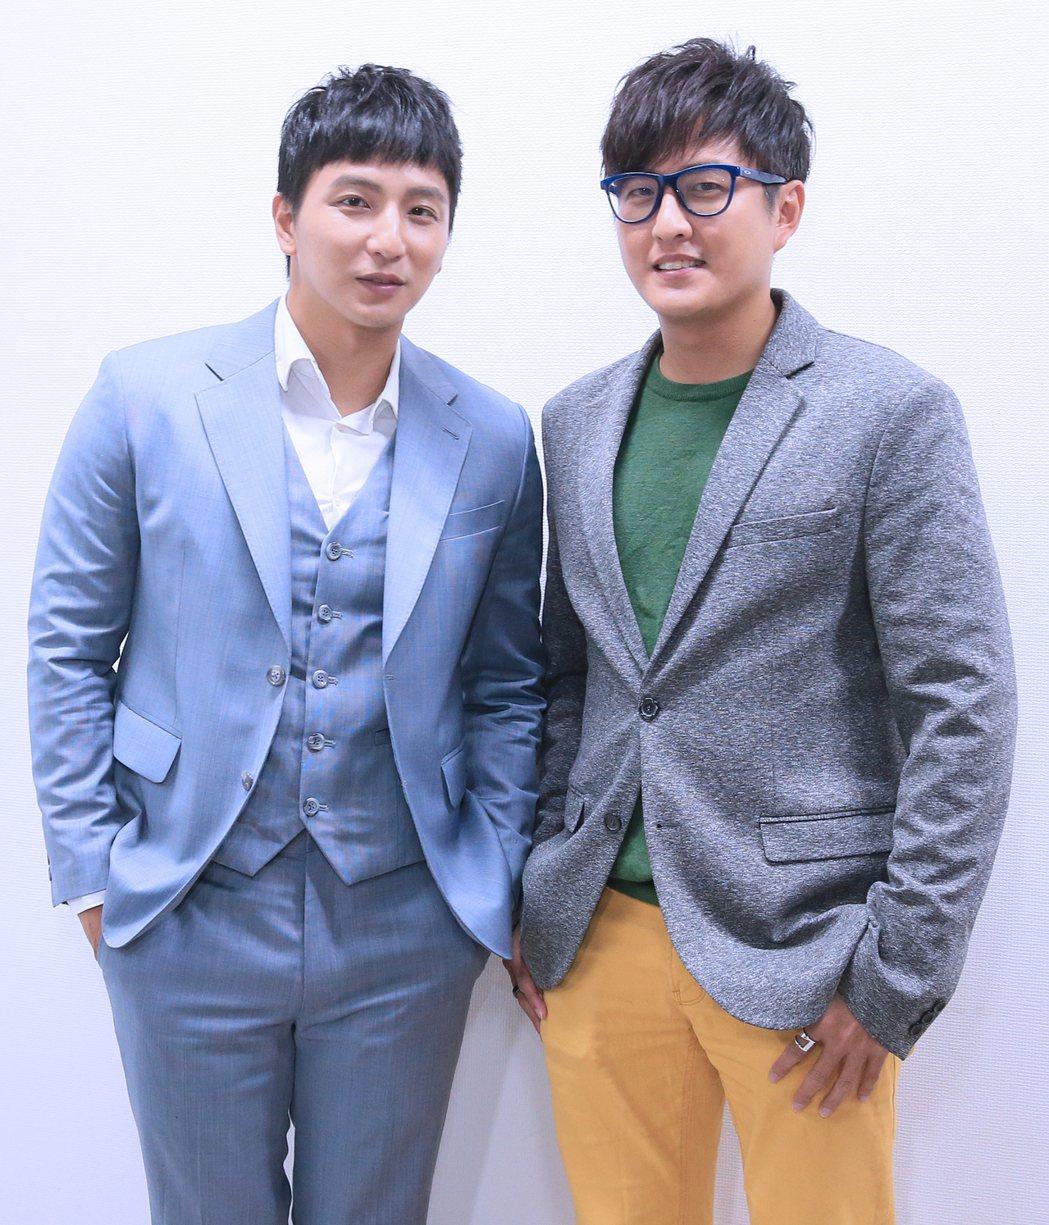 黃靖倫(右)與小煜。記者潘俊宏/攝影